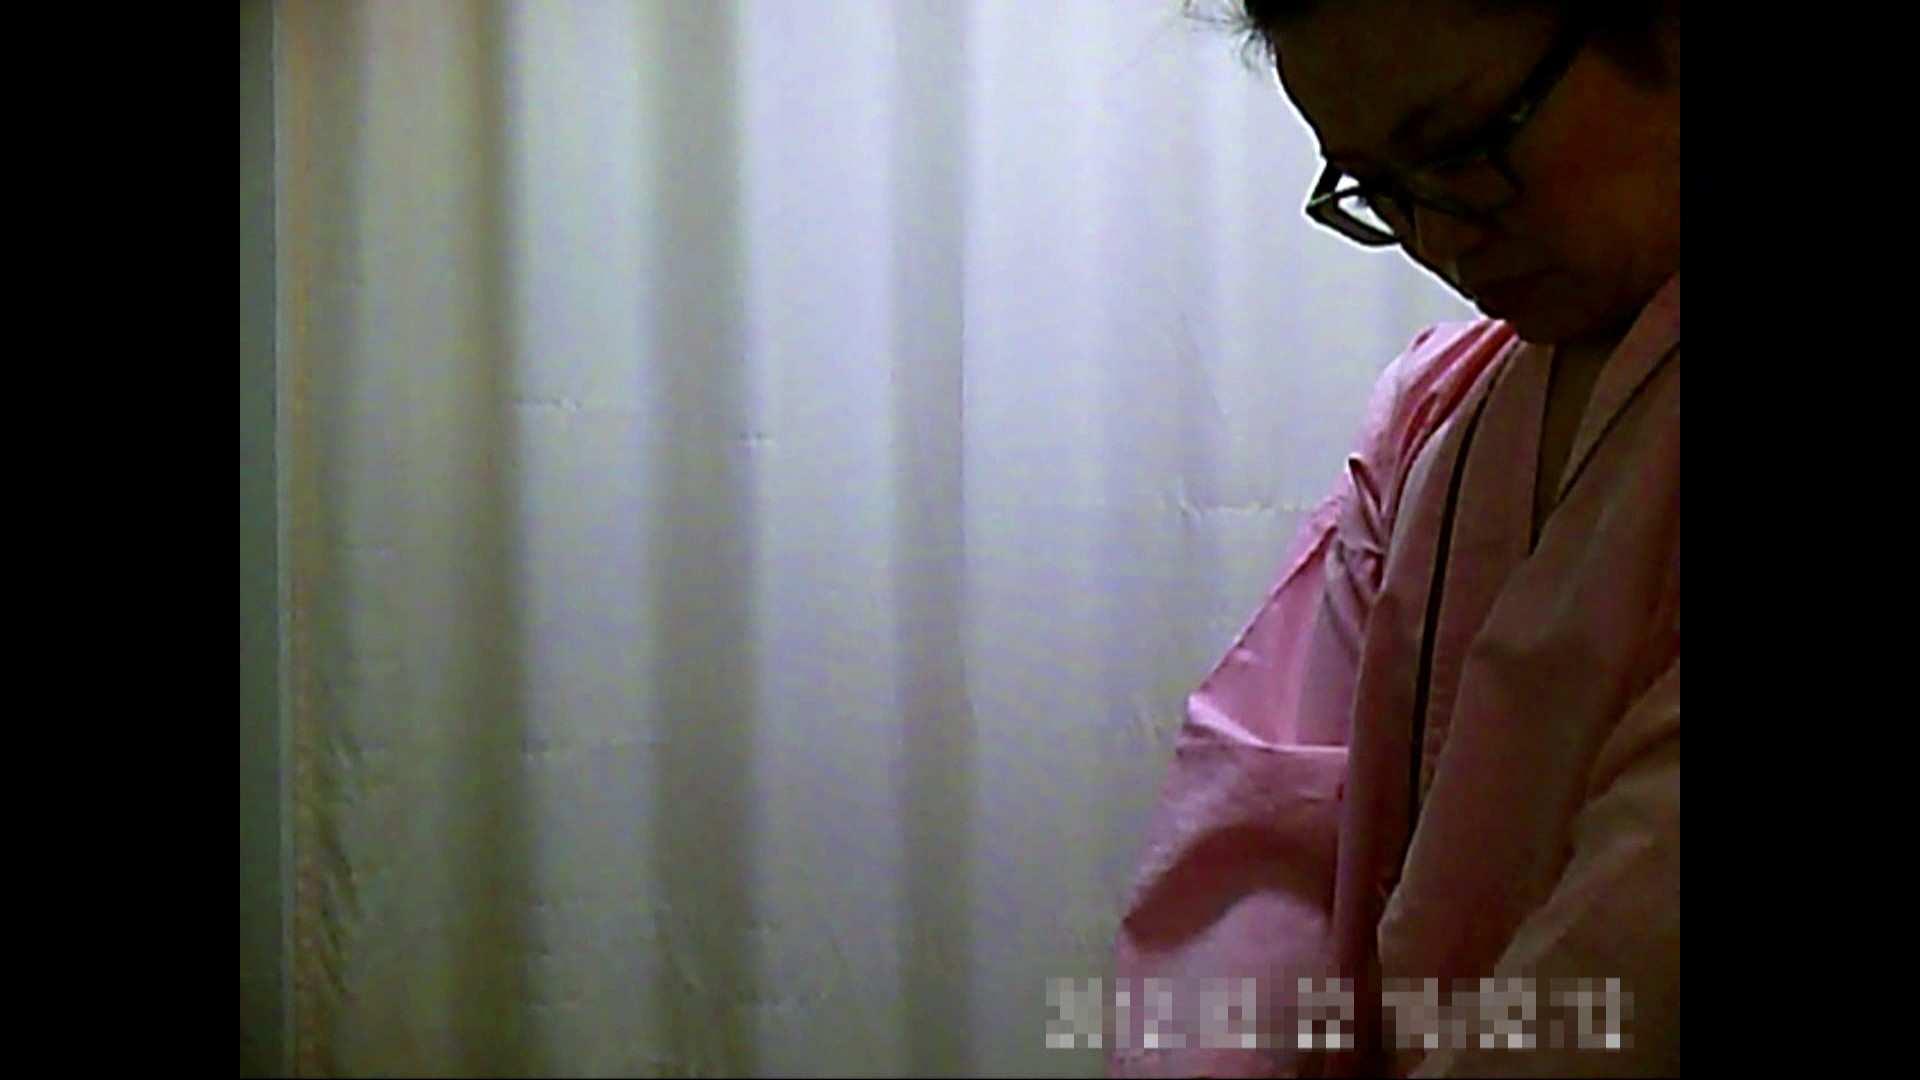 病院おもいっきり着替え! vol.261 着替え のぞき動画キャプチャ 71画像 46